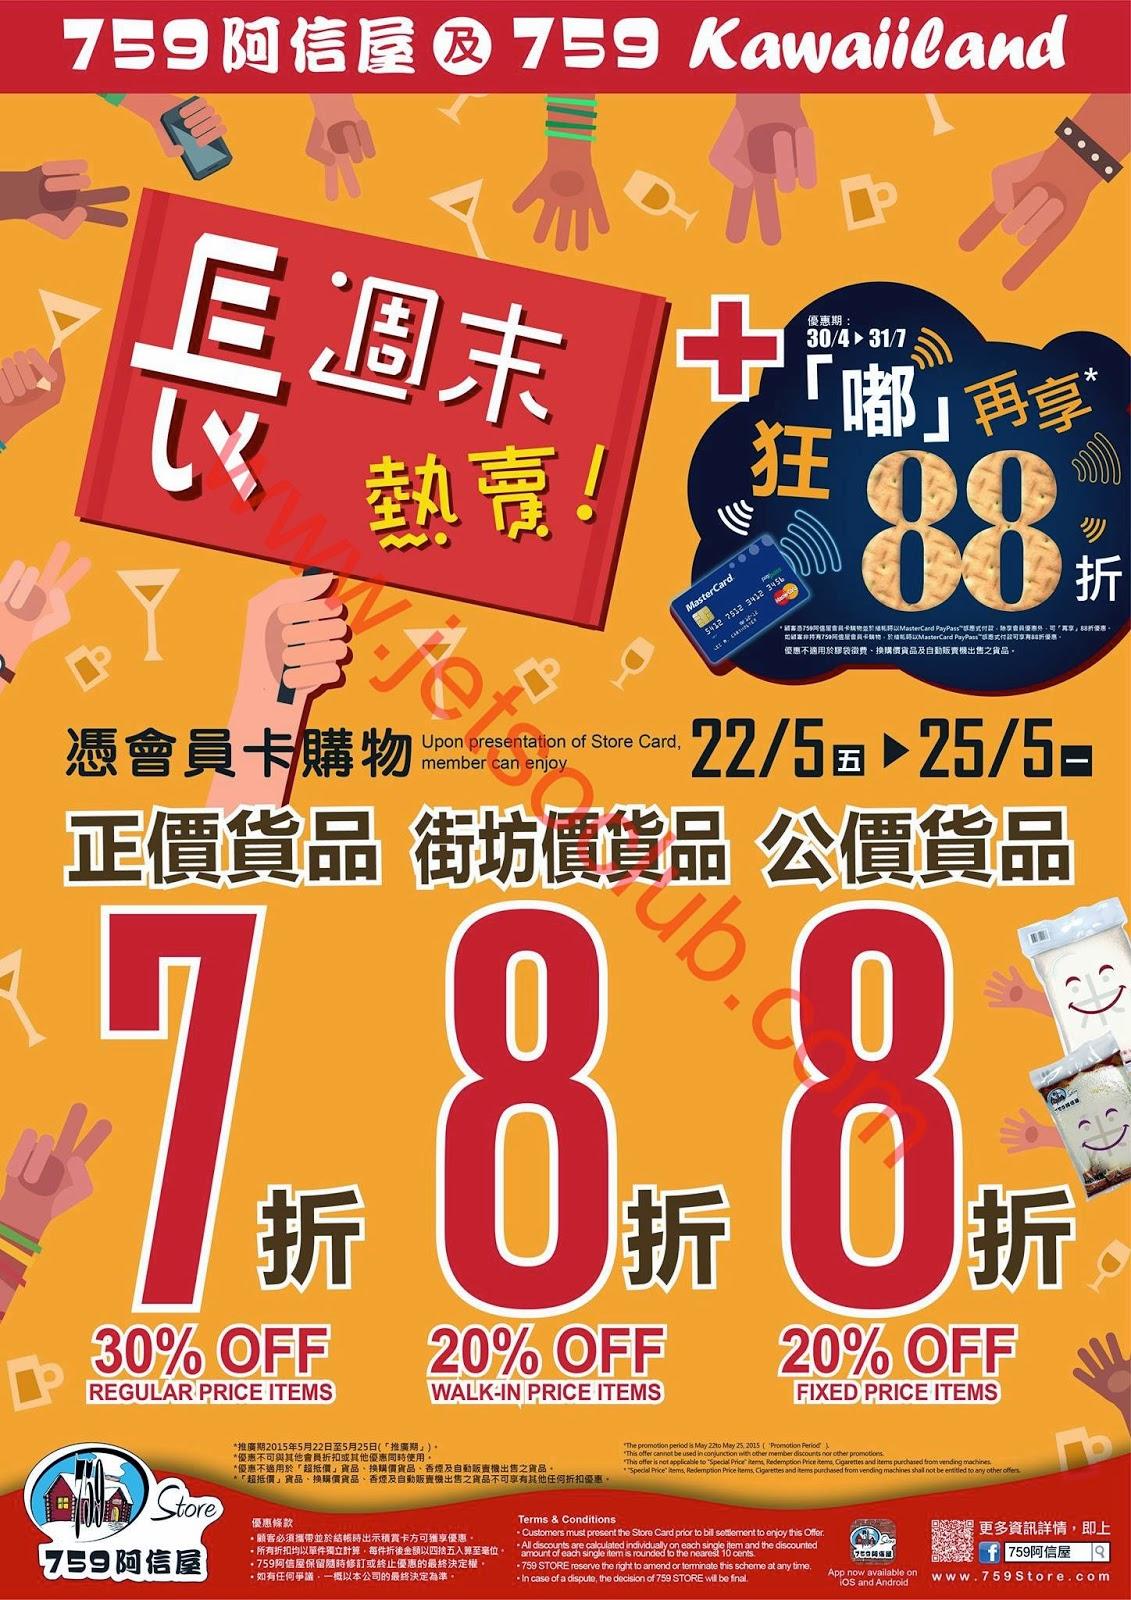 759 阿信屋 / 759 Kawaiiland:長週末熱賣 正價7折 街坊價8折 公價8折(22-25/5) ( Jetso Club 著數俱樂部 )